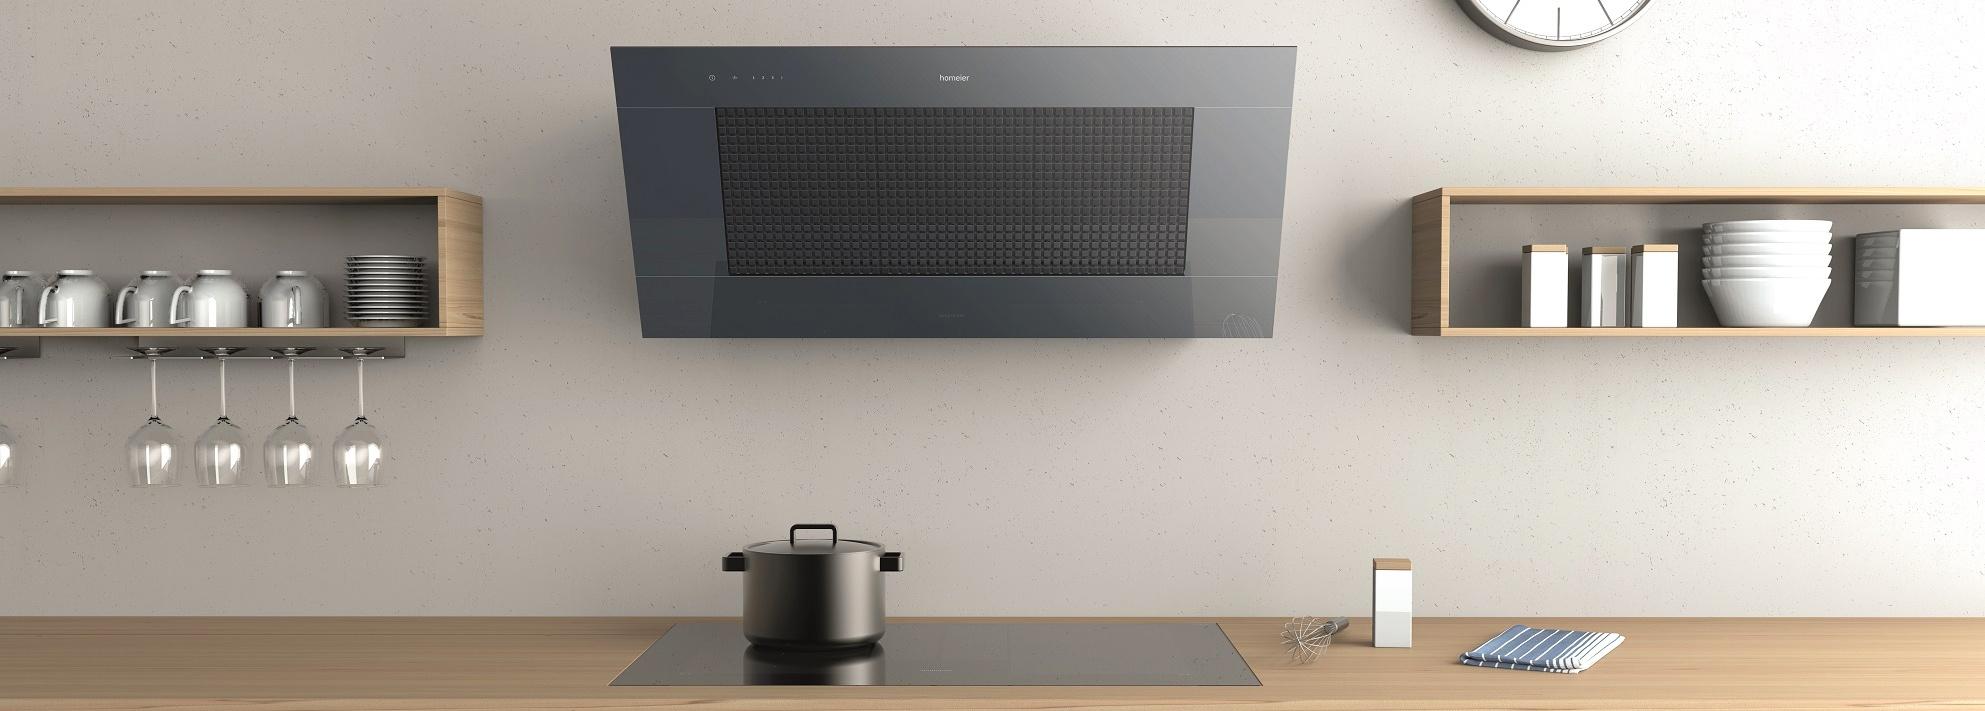 berbel dunstabzug beautiful zeitlose haecker kueche weiss granit berbel dunstabzug leverkusen. Black Bedroom Furniture Sets. Home Design Ideas